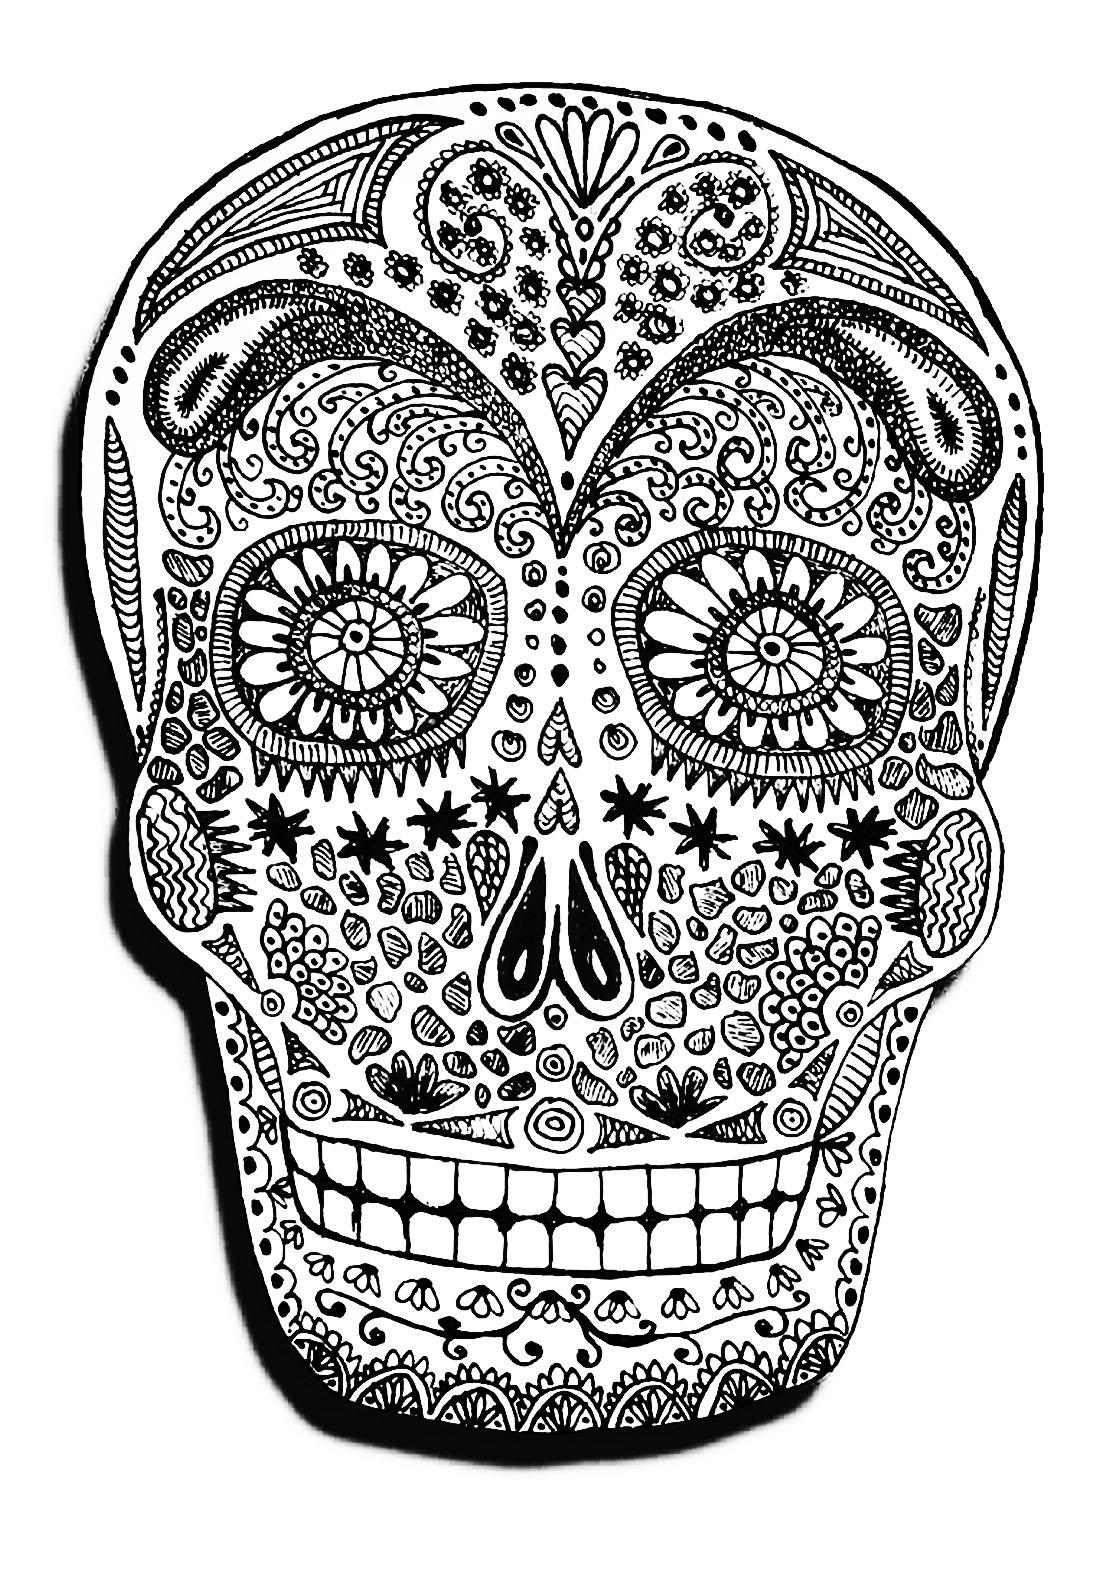 Squelette Dessin Halloween.Halloween Crane De Squelette Halloween Coloriages Difficiles